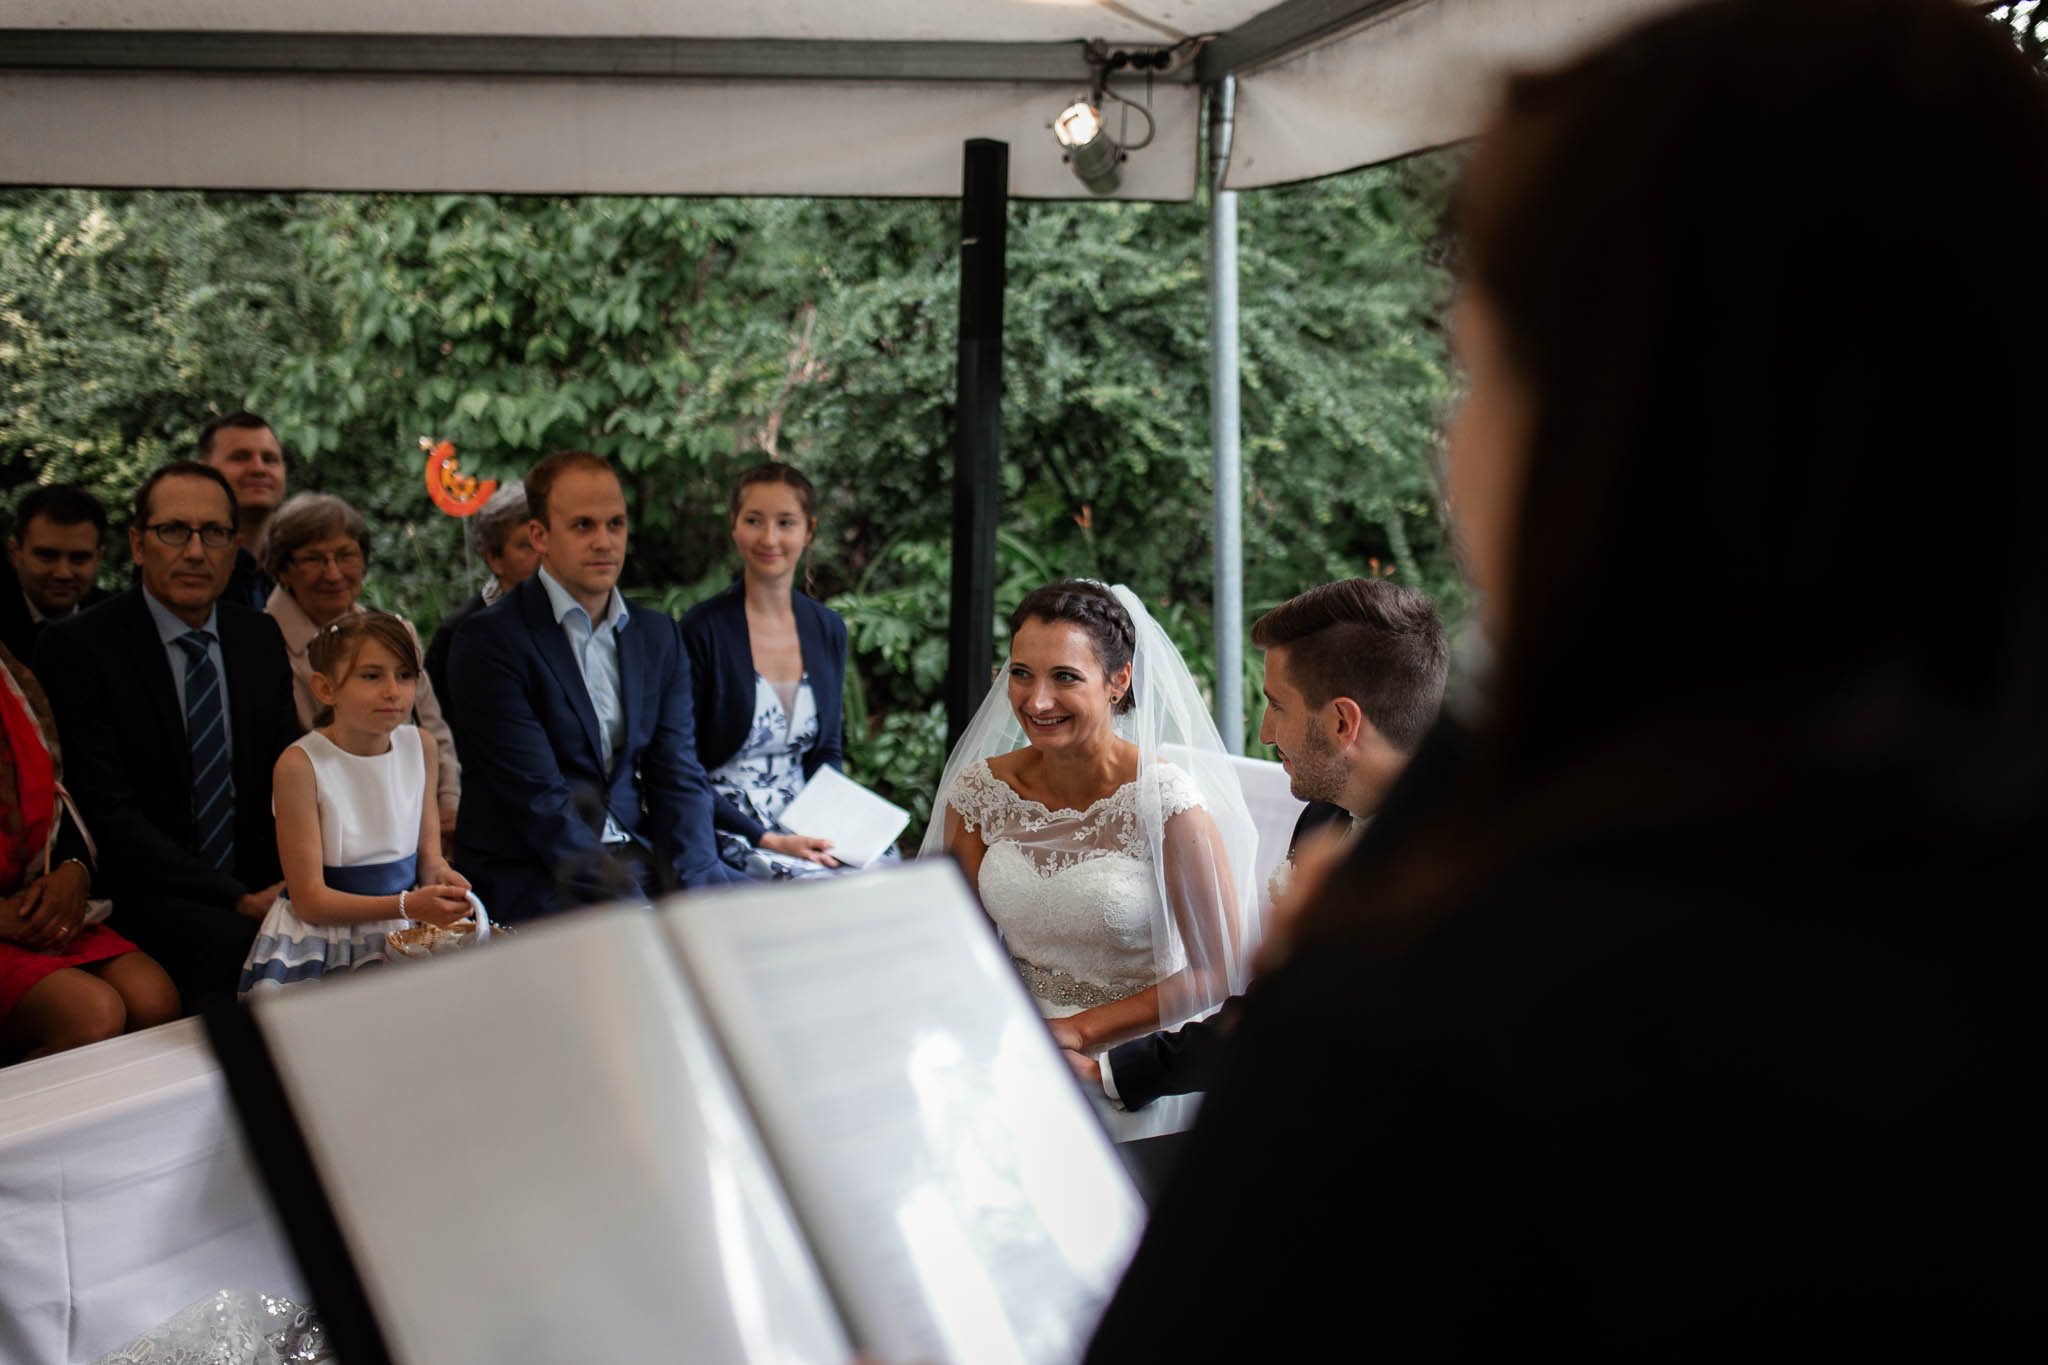 Hochzeitsfotograf Monzernheim: freie Trauung von Sarah & Patrick 26